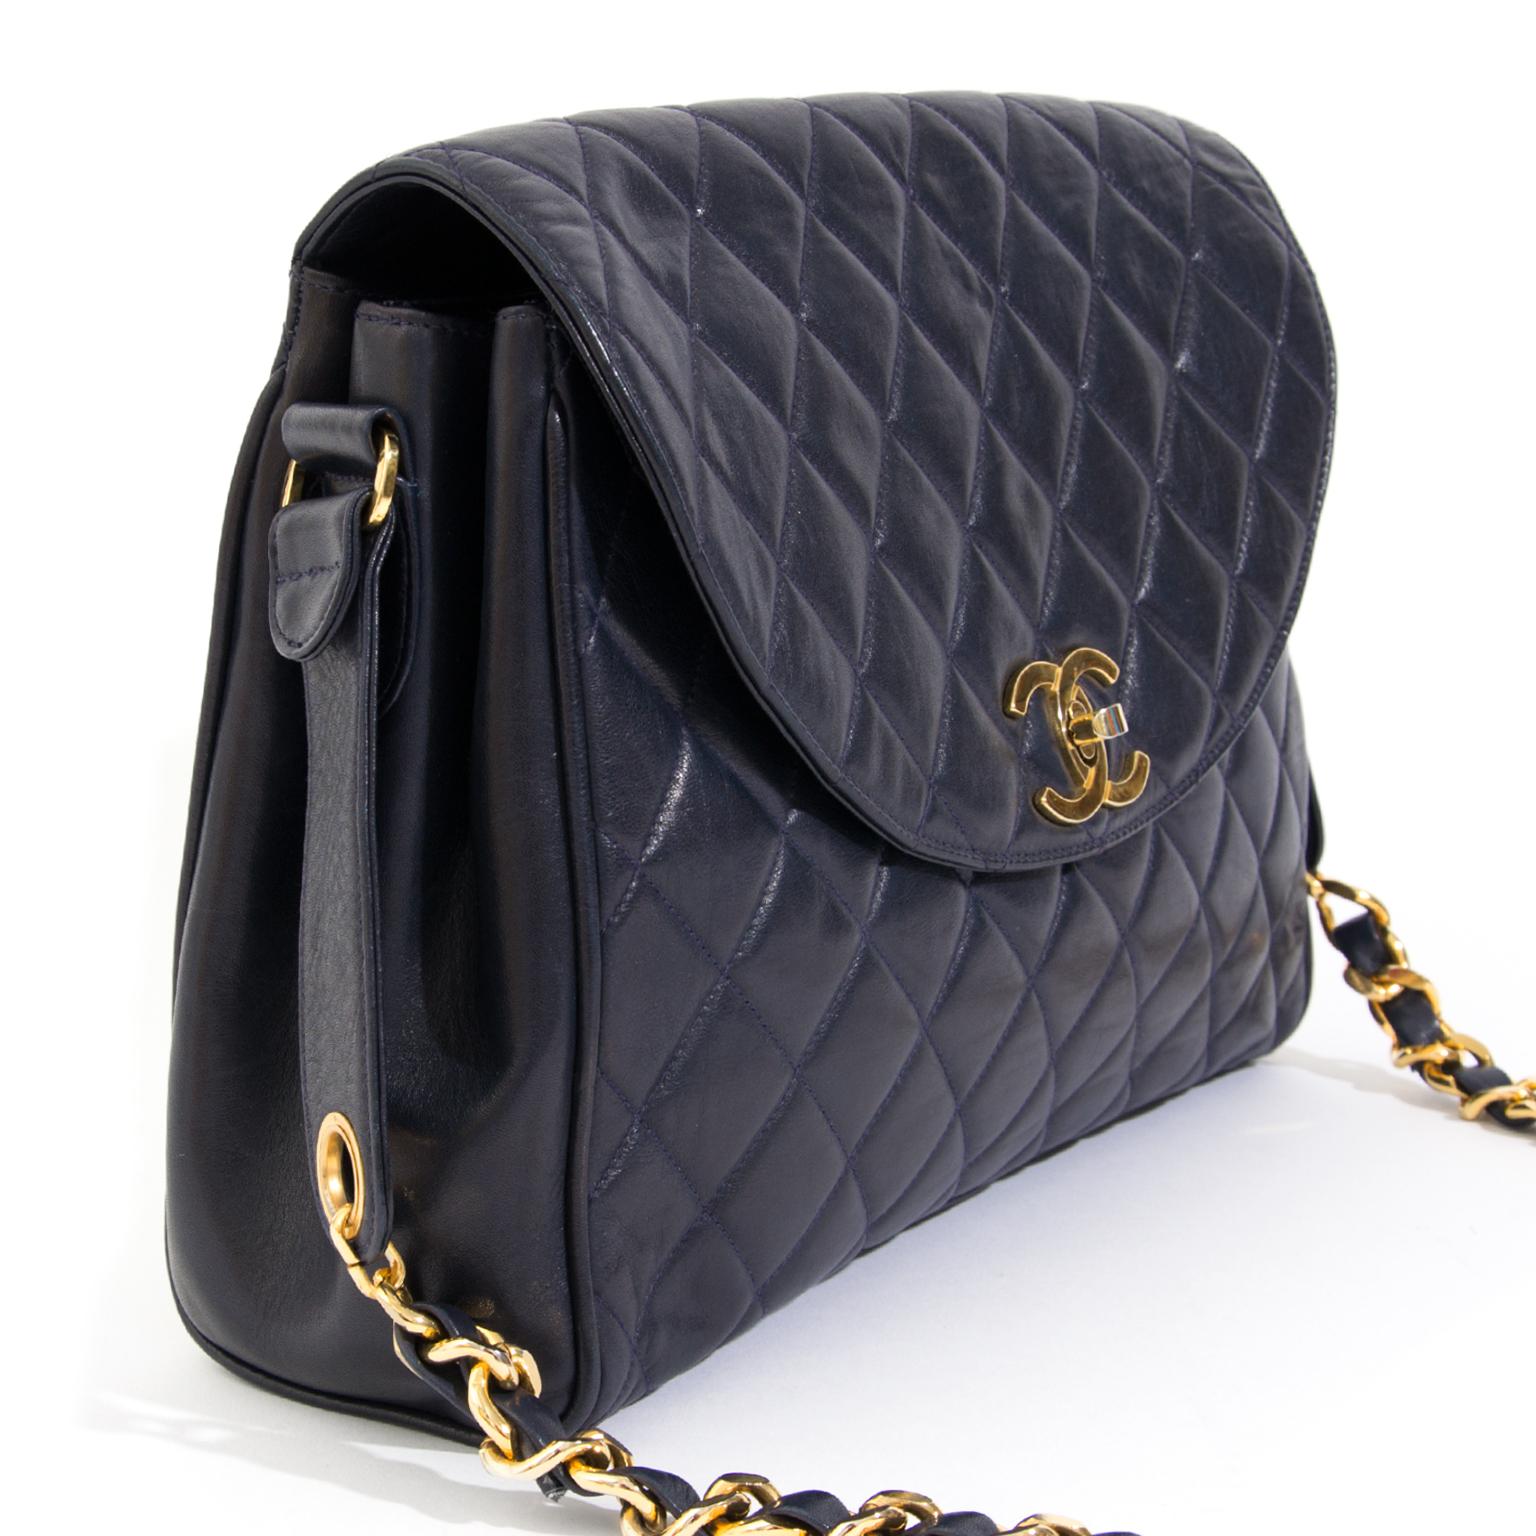 aa0c86c75136 ... classic flap bag aan de beste prijs webshop labellov acheter enligne  seconde main sac a main chanel handbag golden chain pour le meilleur prix